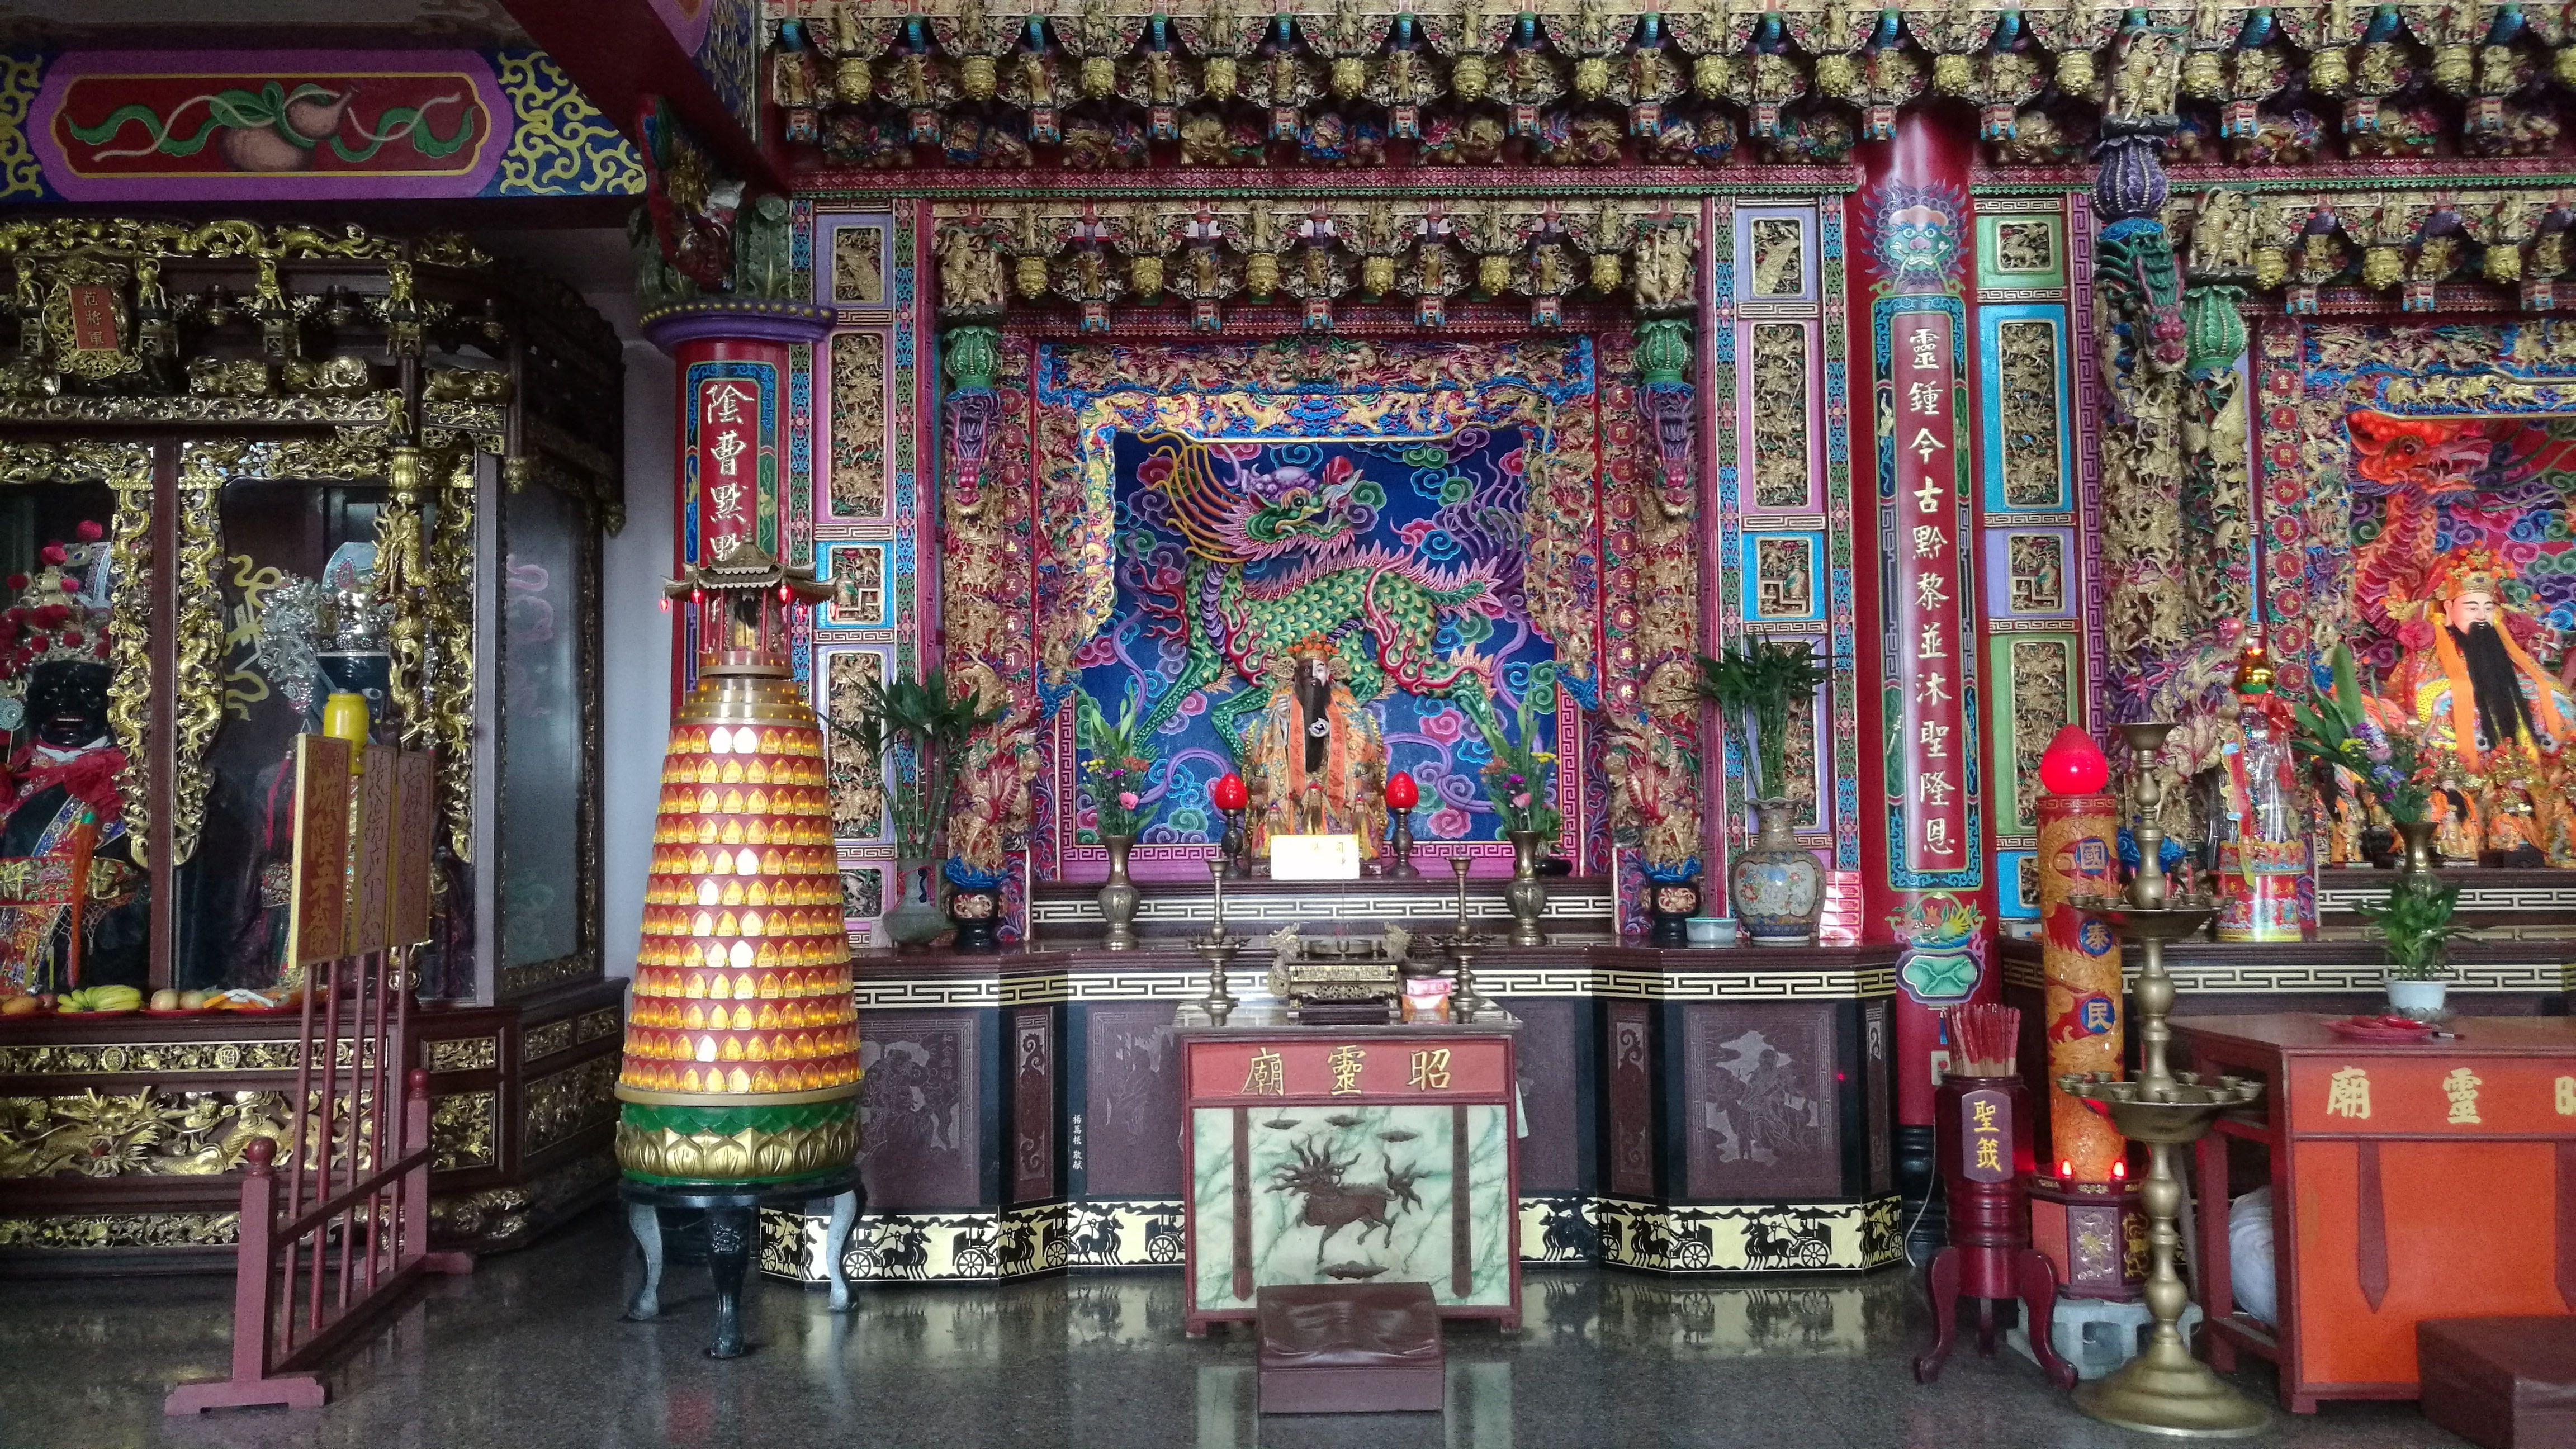 Templo taoista dedicado a la diosa de la tierra en Jioufen